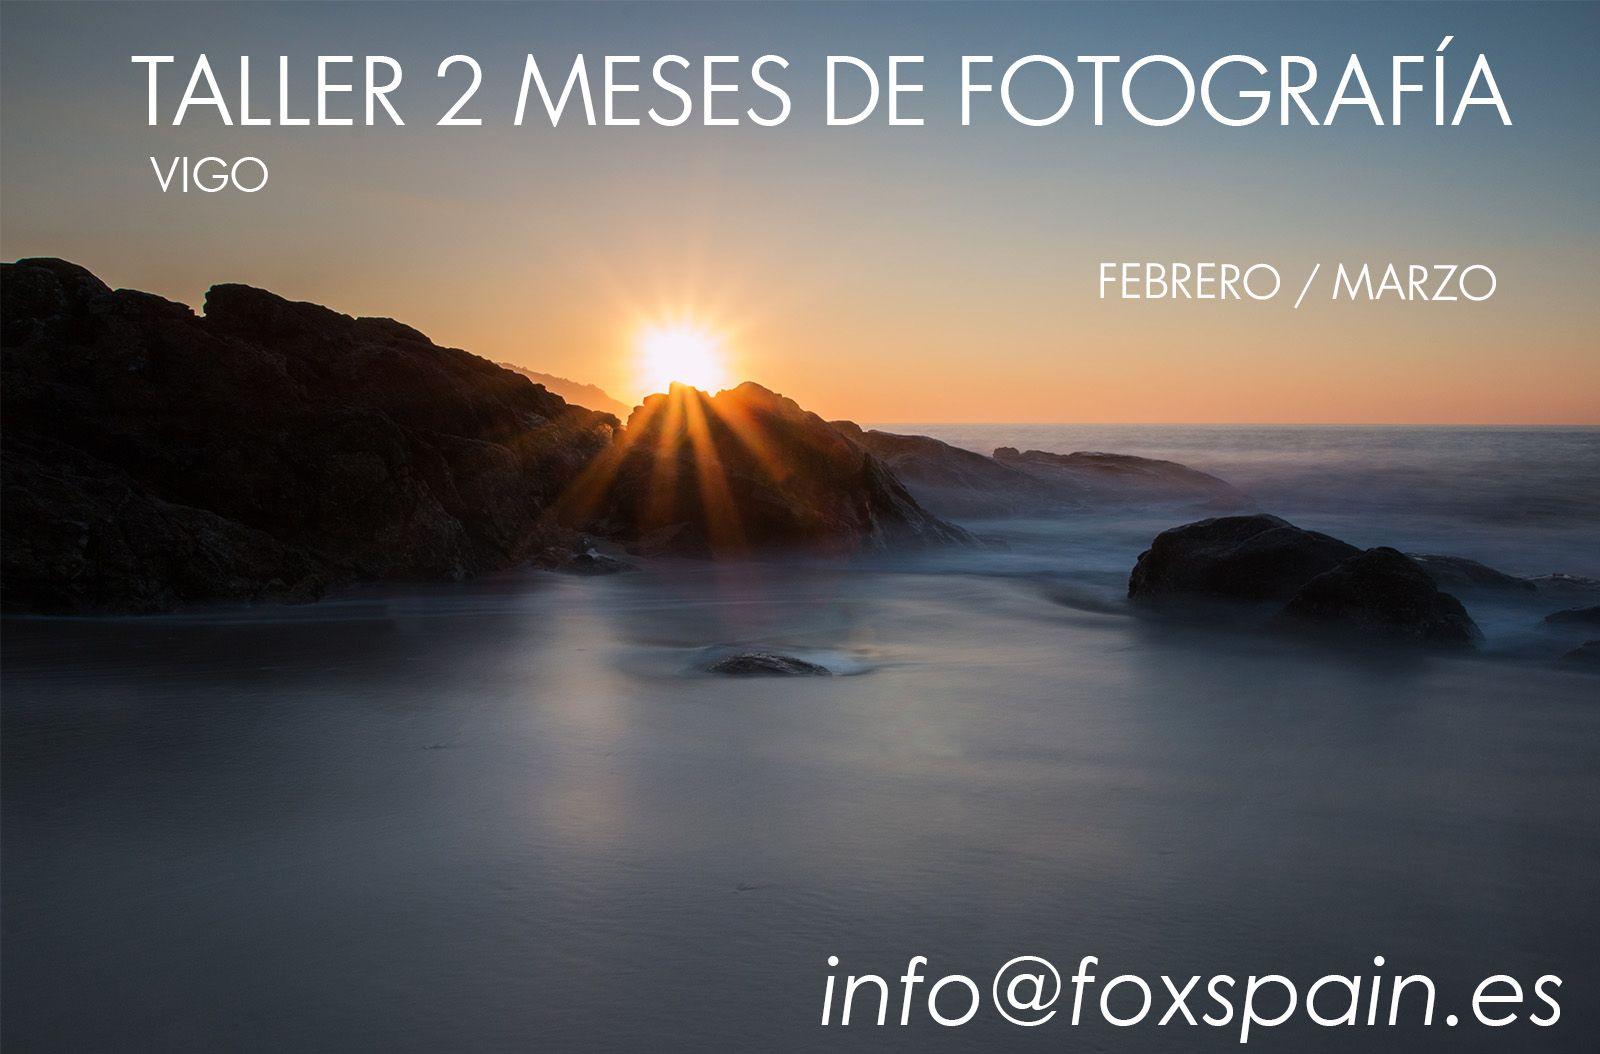 TALLER 2 MESES DE FOTOGRAFÍA EN VIGO / FEBRERO Y MARZO  Más información y Reservas: info@foxspain.es / 699 252 707  #taller #curso #fotografia #vigo #febrero #marzo #foxspain #foto #kedadas #quedadas #intermedio #avanzado #paseosfotograficos